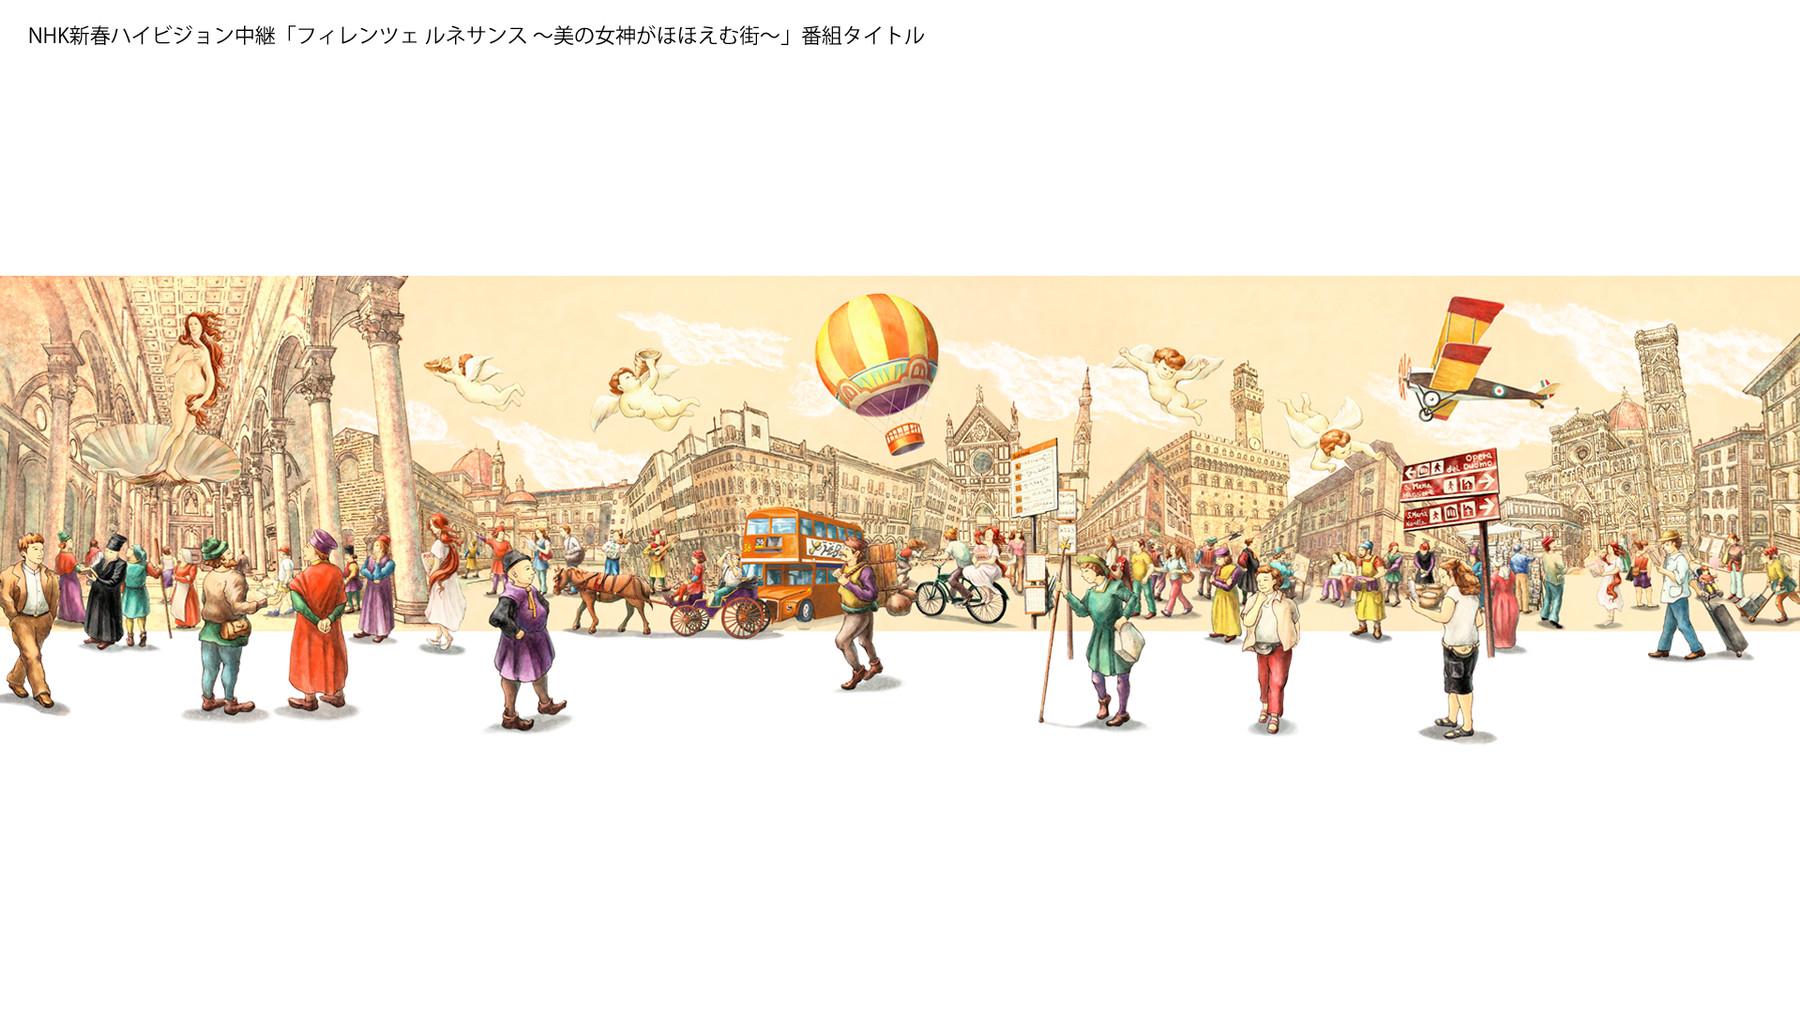 gallery007_003.jpg